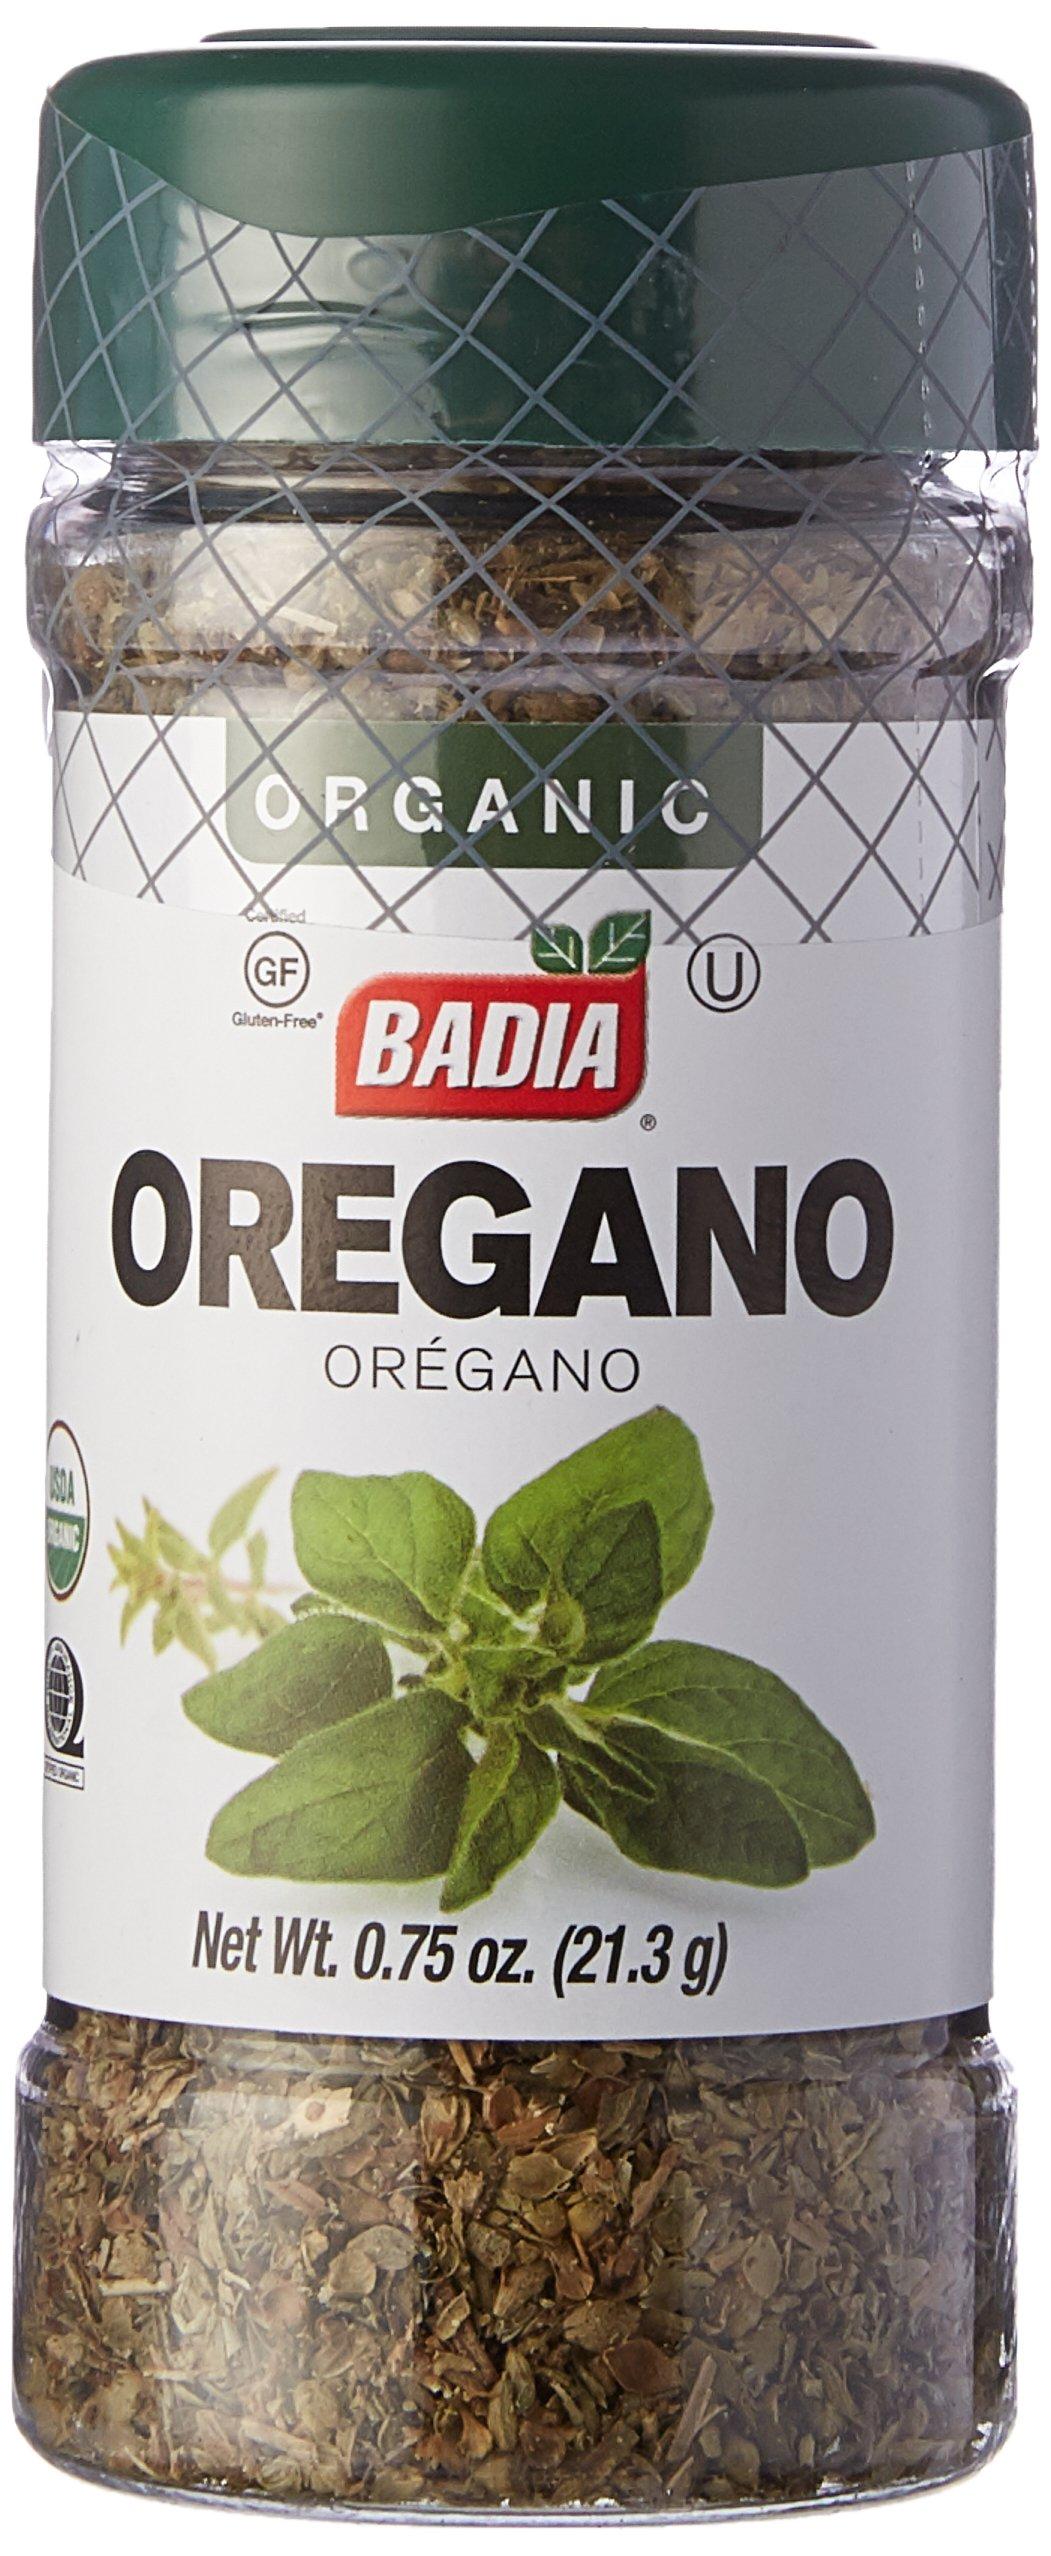 Badia Oregano Organic 0.75 oz